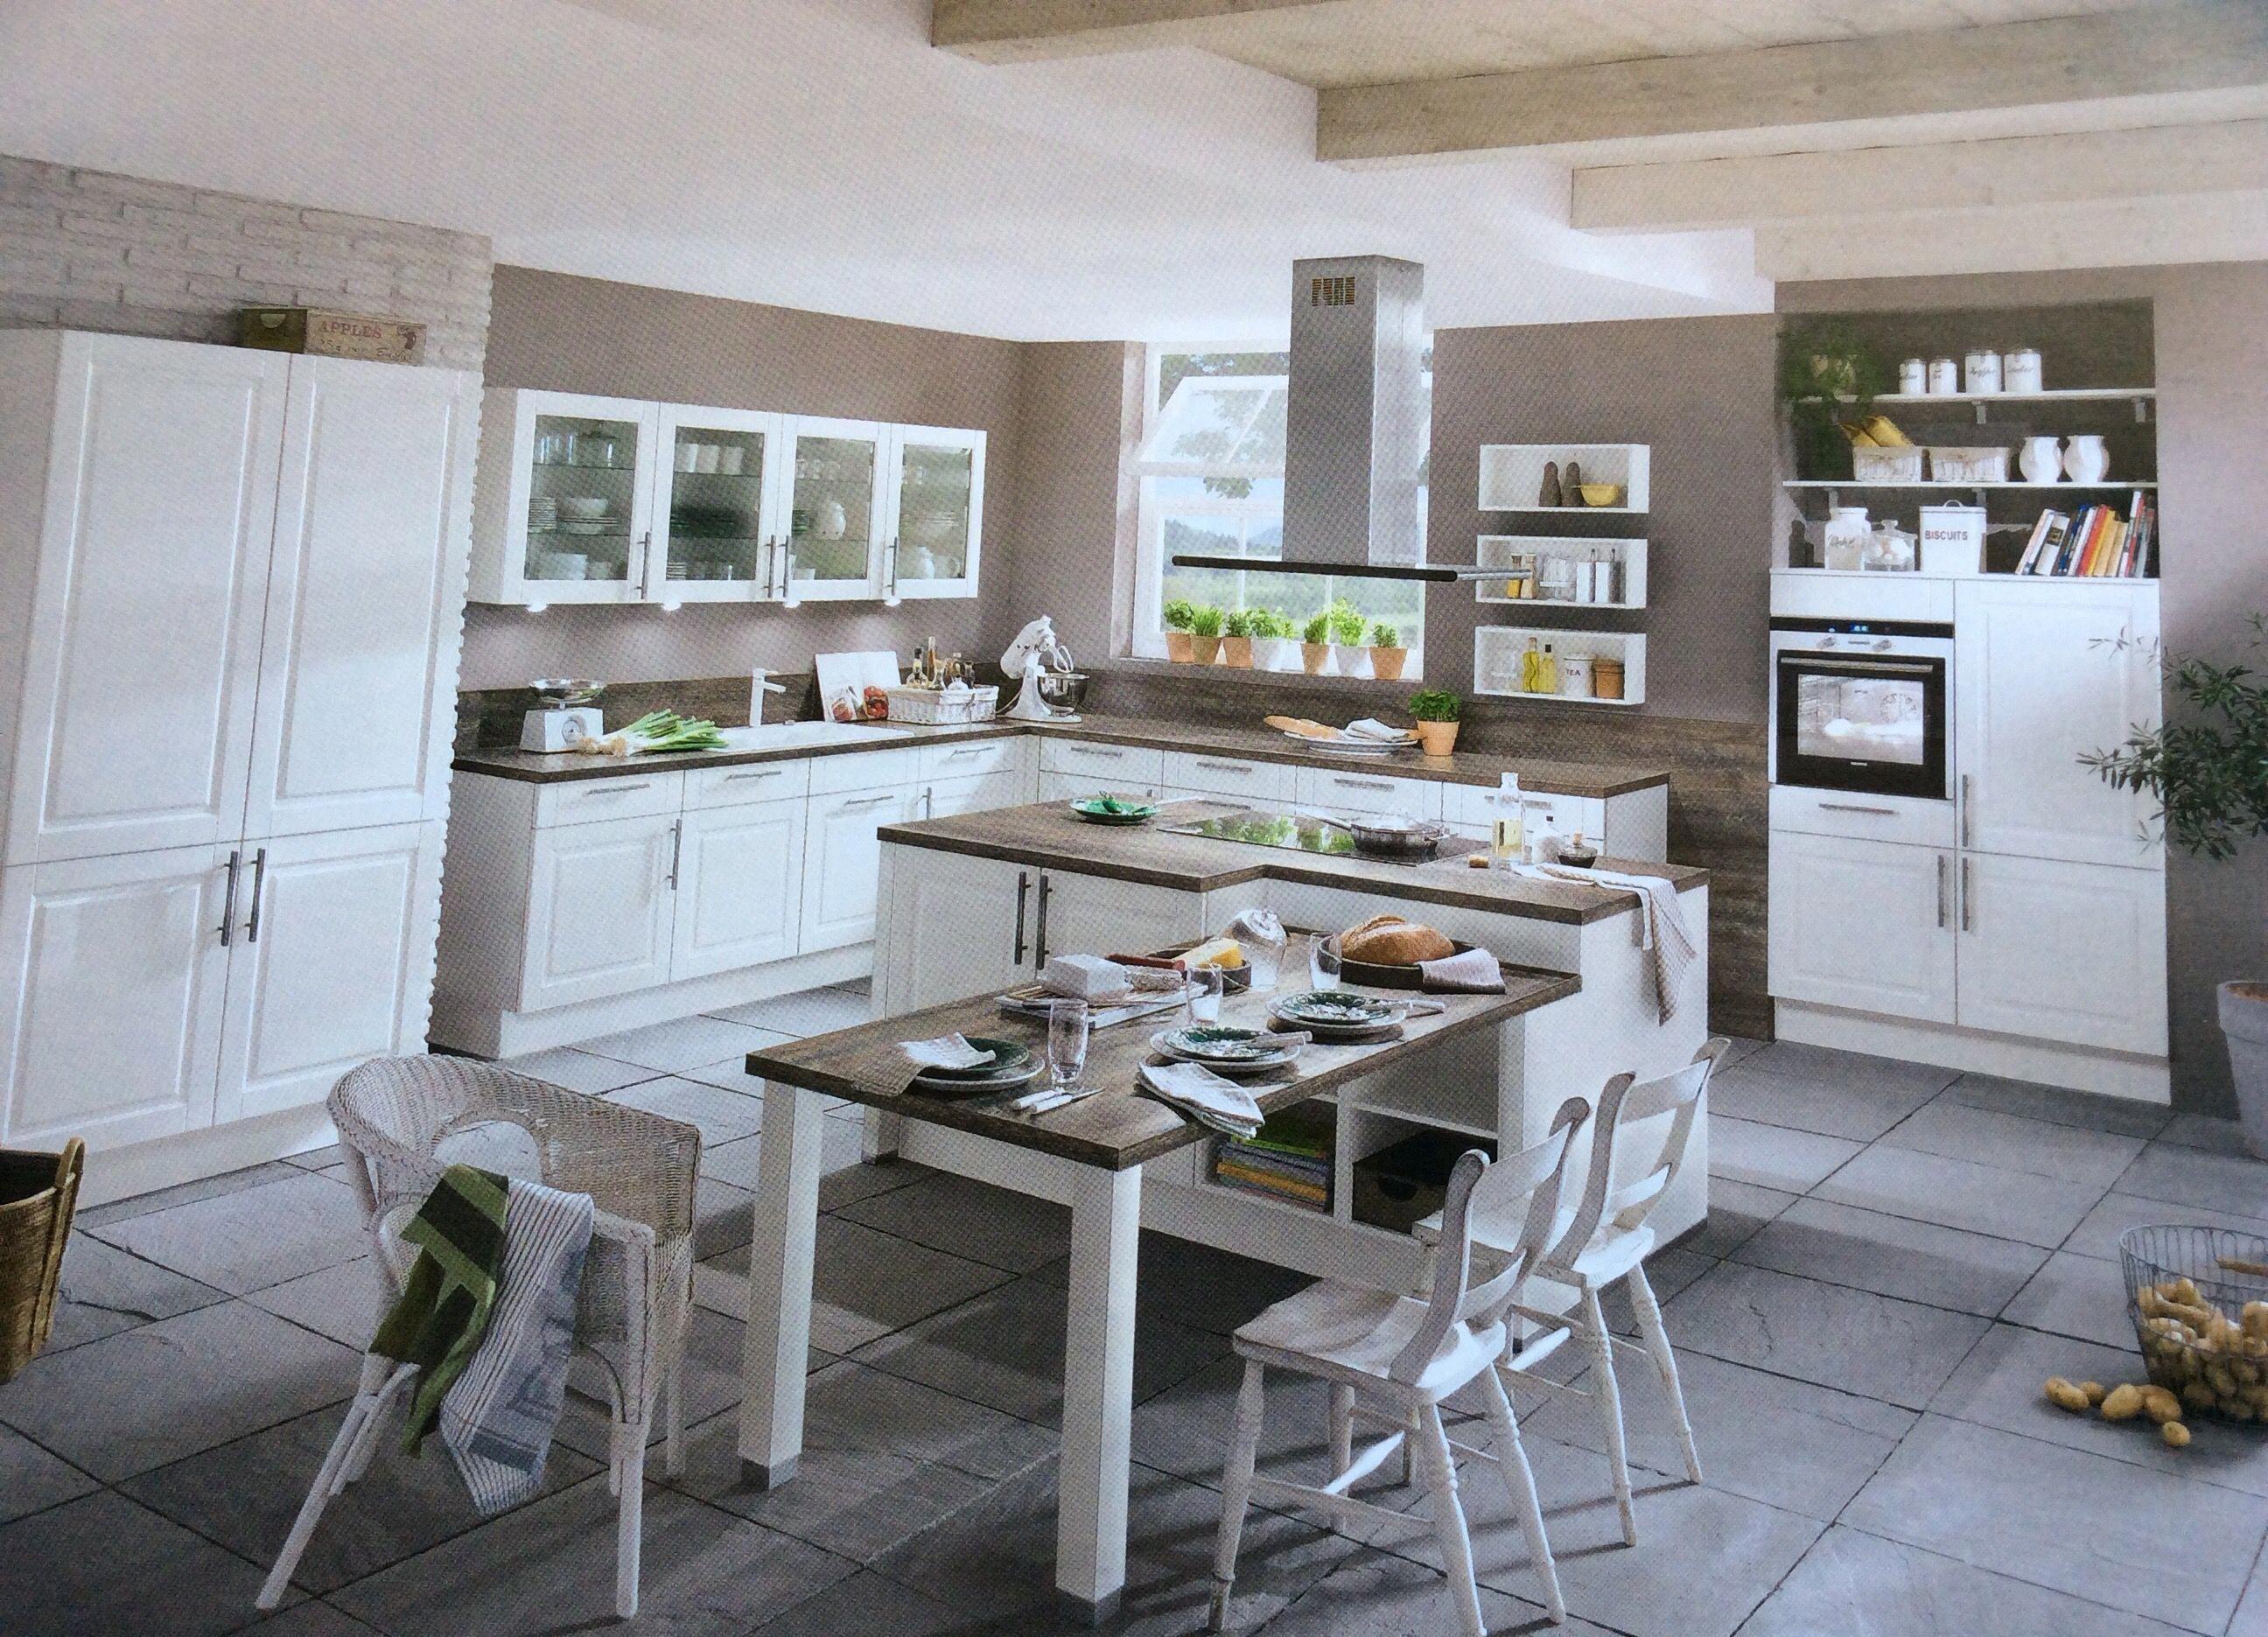 La Idea De La Mesa A Continuacion De La Isla Para Cocinas Pequenas Esta Muy Bien Reformarcasa Home Decor Home Decor